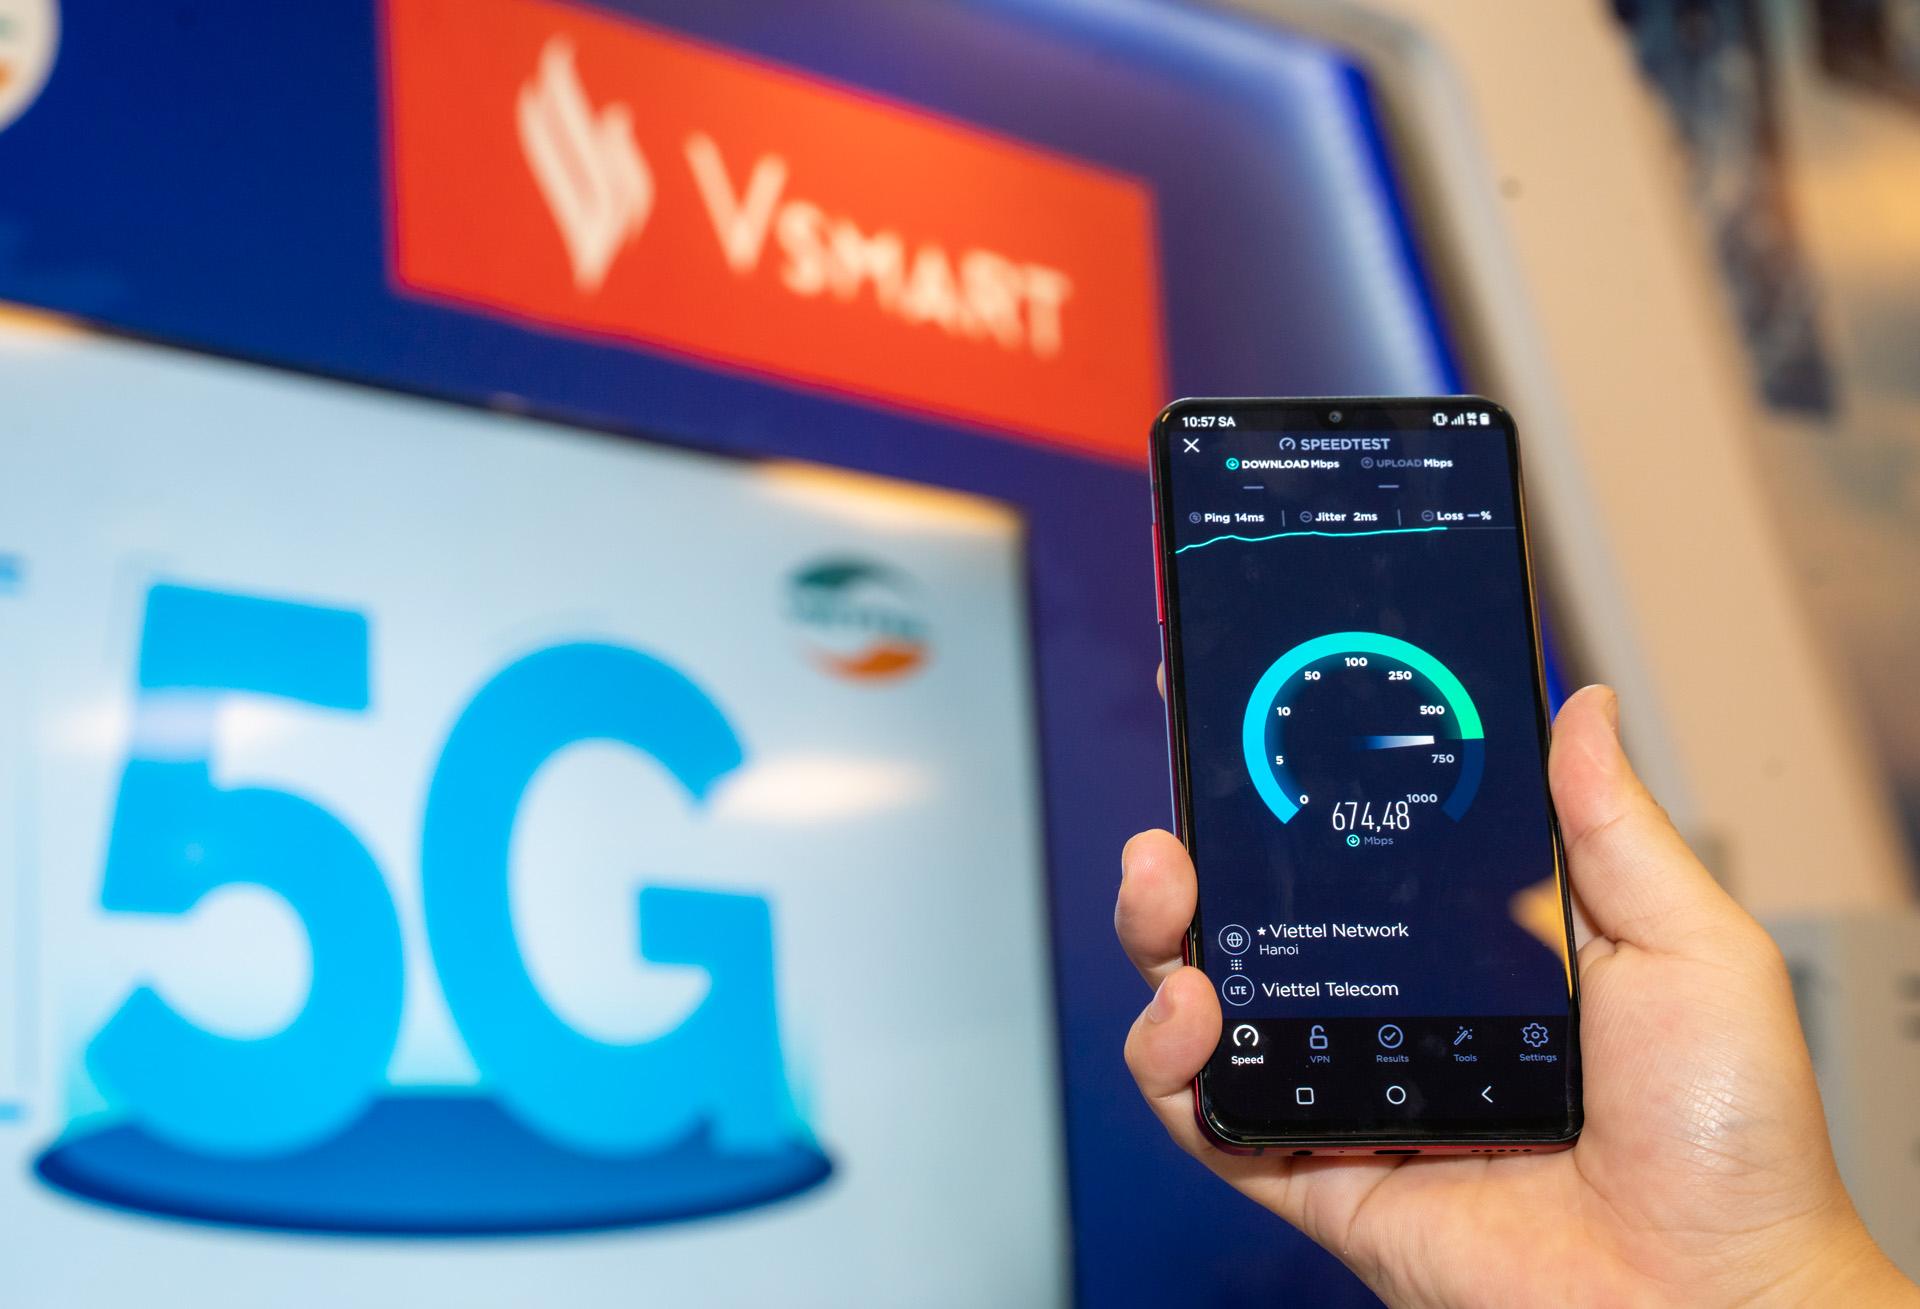 Thử nghiệm của Cục Viễn thông trên Vsmart Aris 5G cho kết quả tốc độ 5G trên mẫu điện thoại này cao gấp 8 lần so với tốc độ 4G